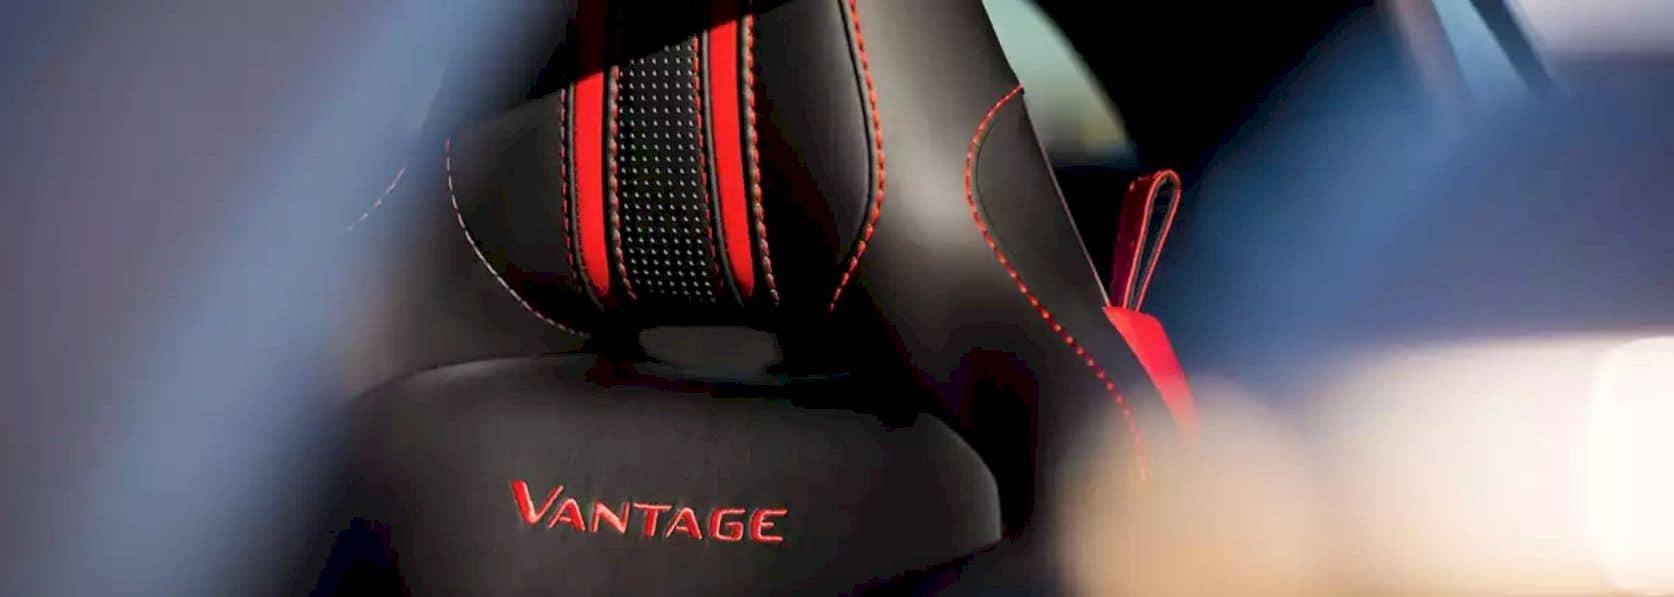 Aston Martin Vantage 3